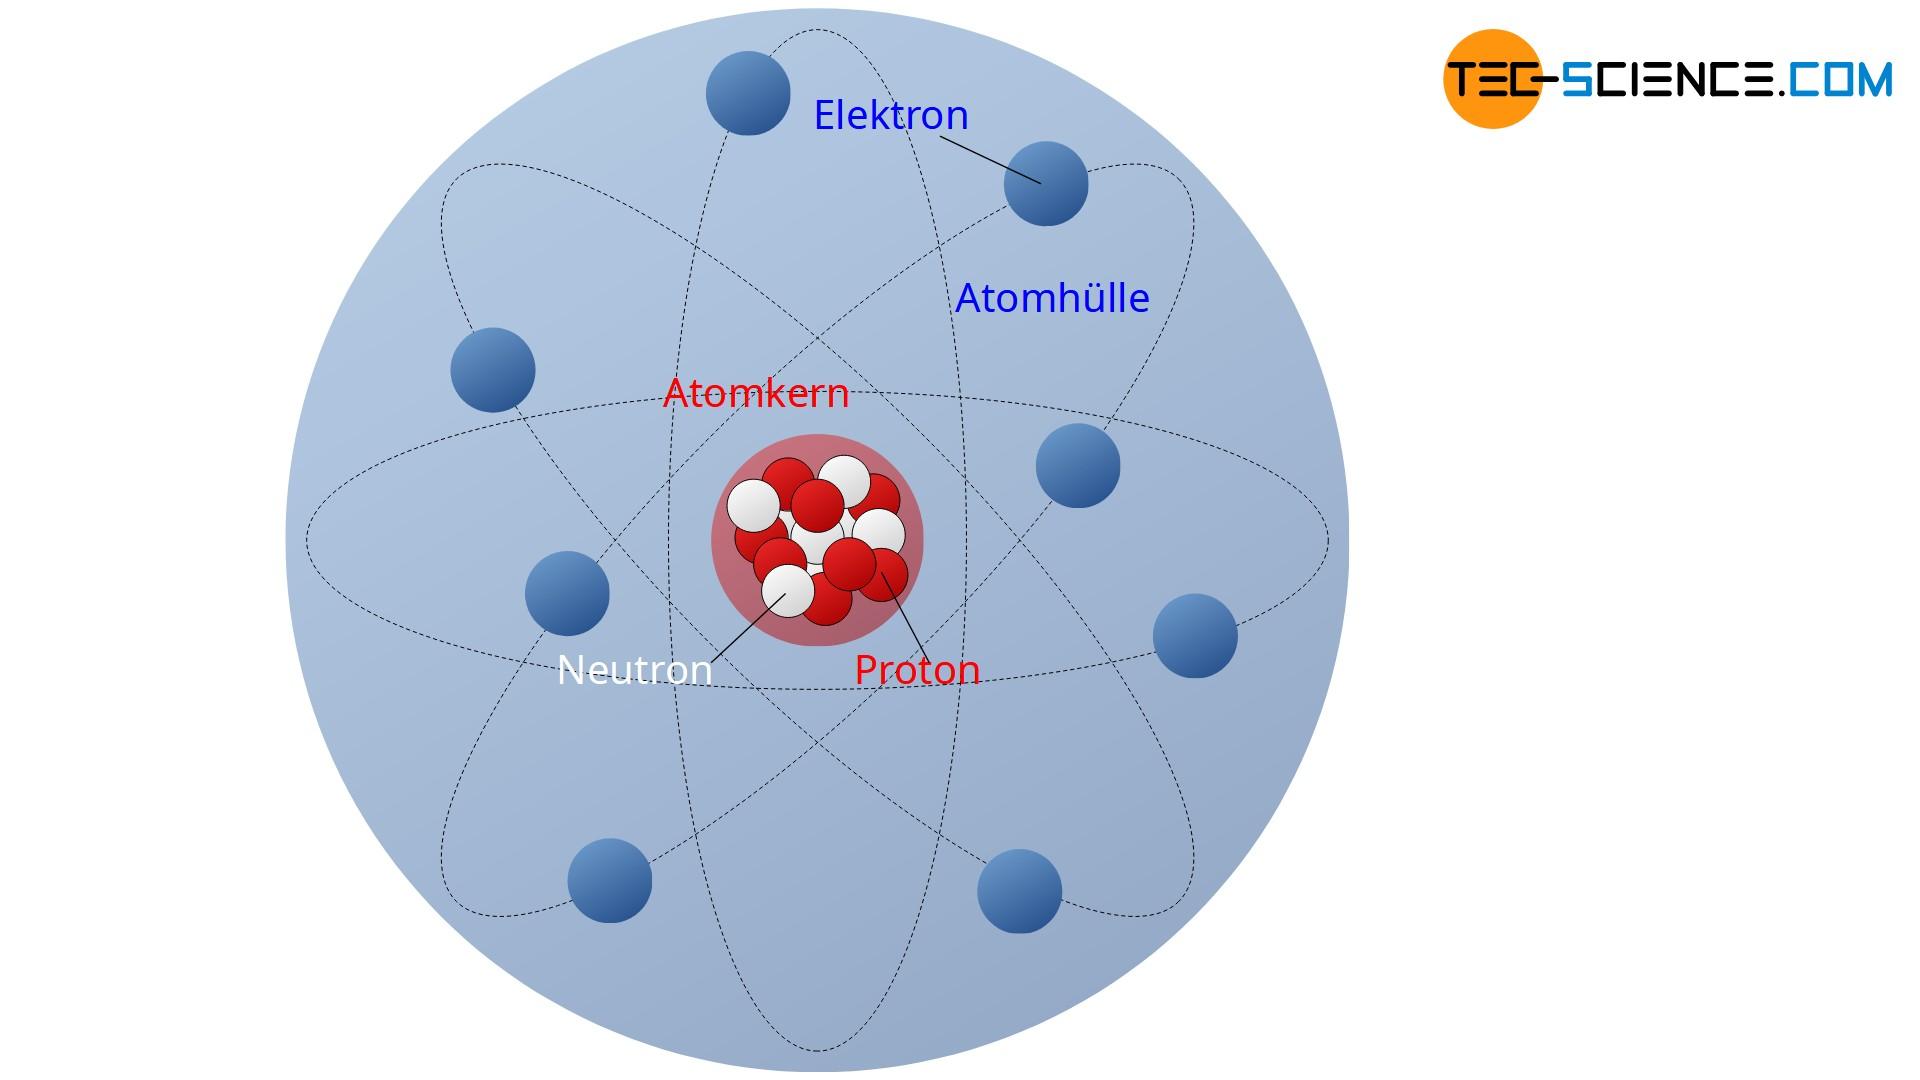 Aufbau eines Atoms (nach Rutherford)